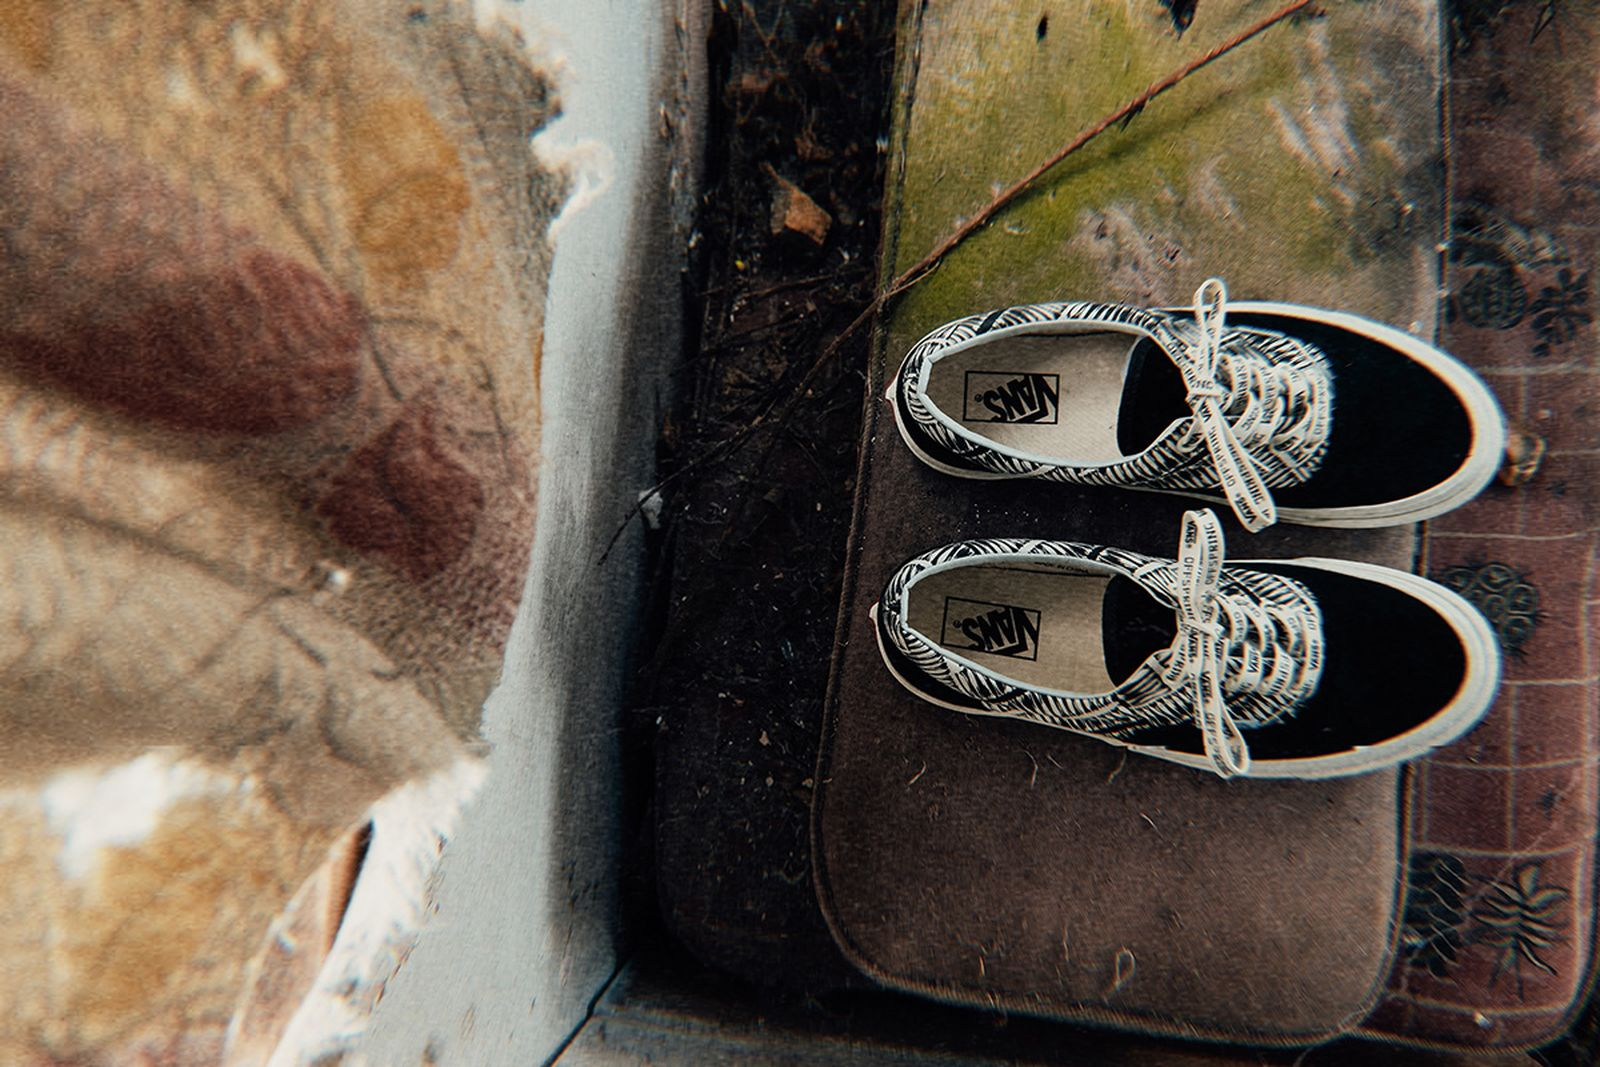 offspring vans herring bone pack release date price